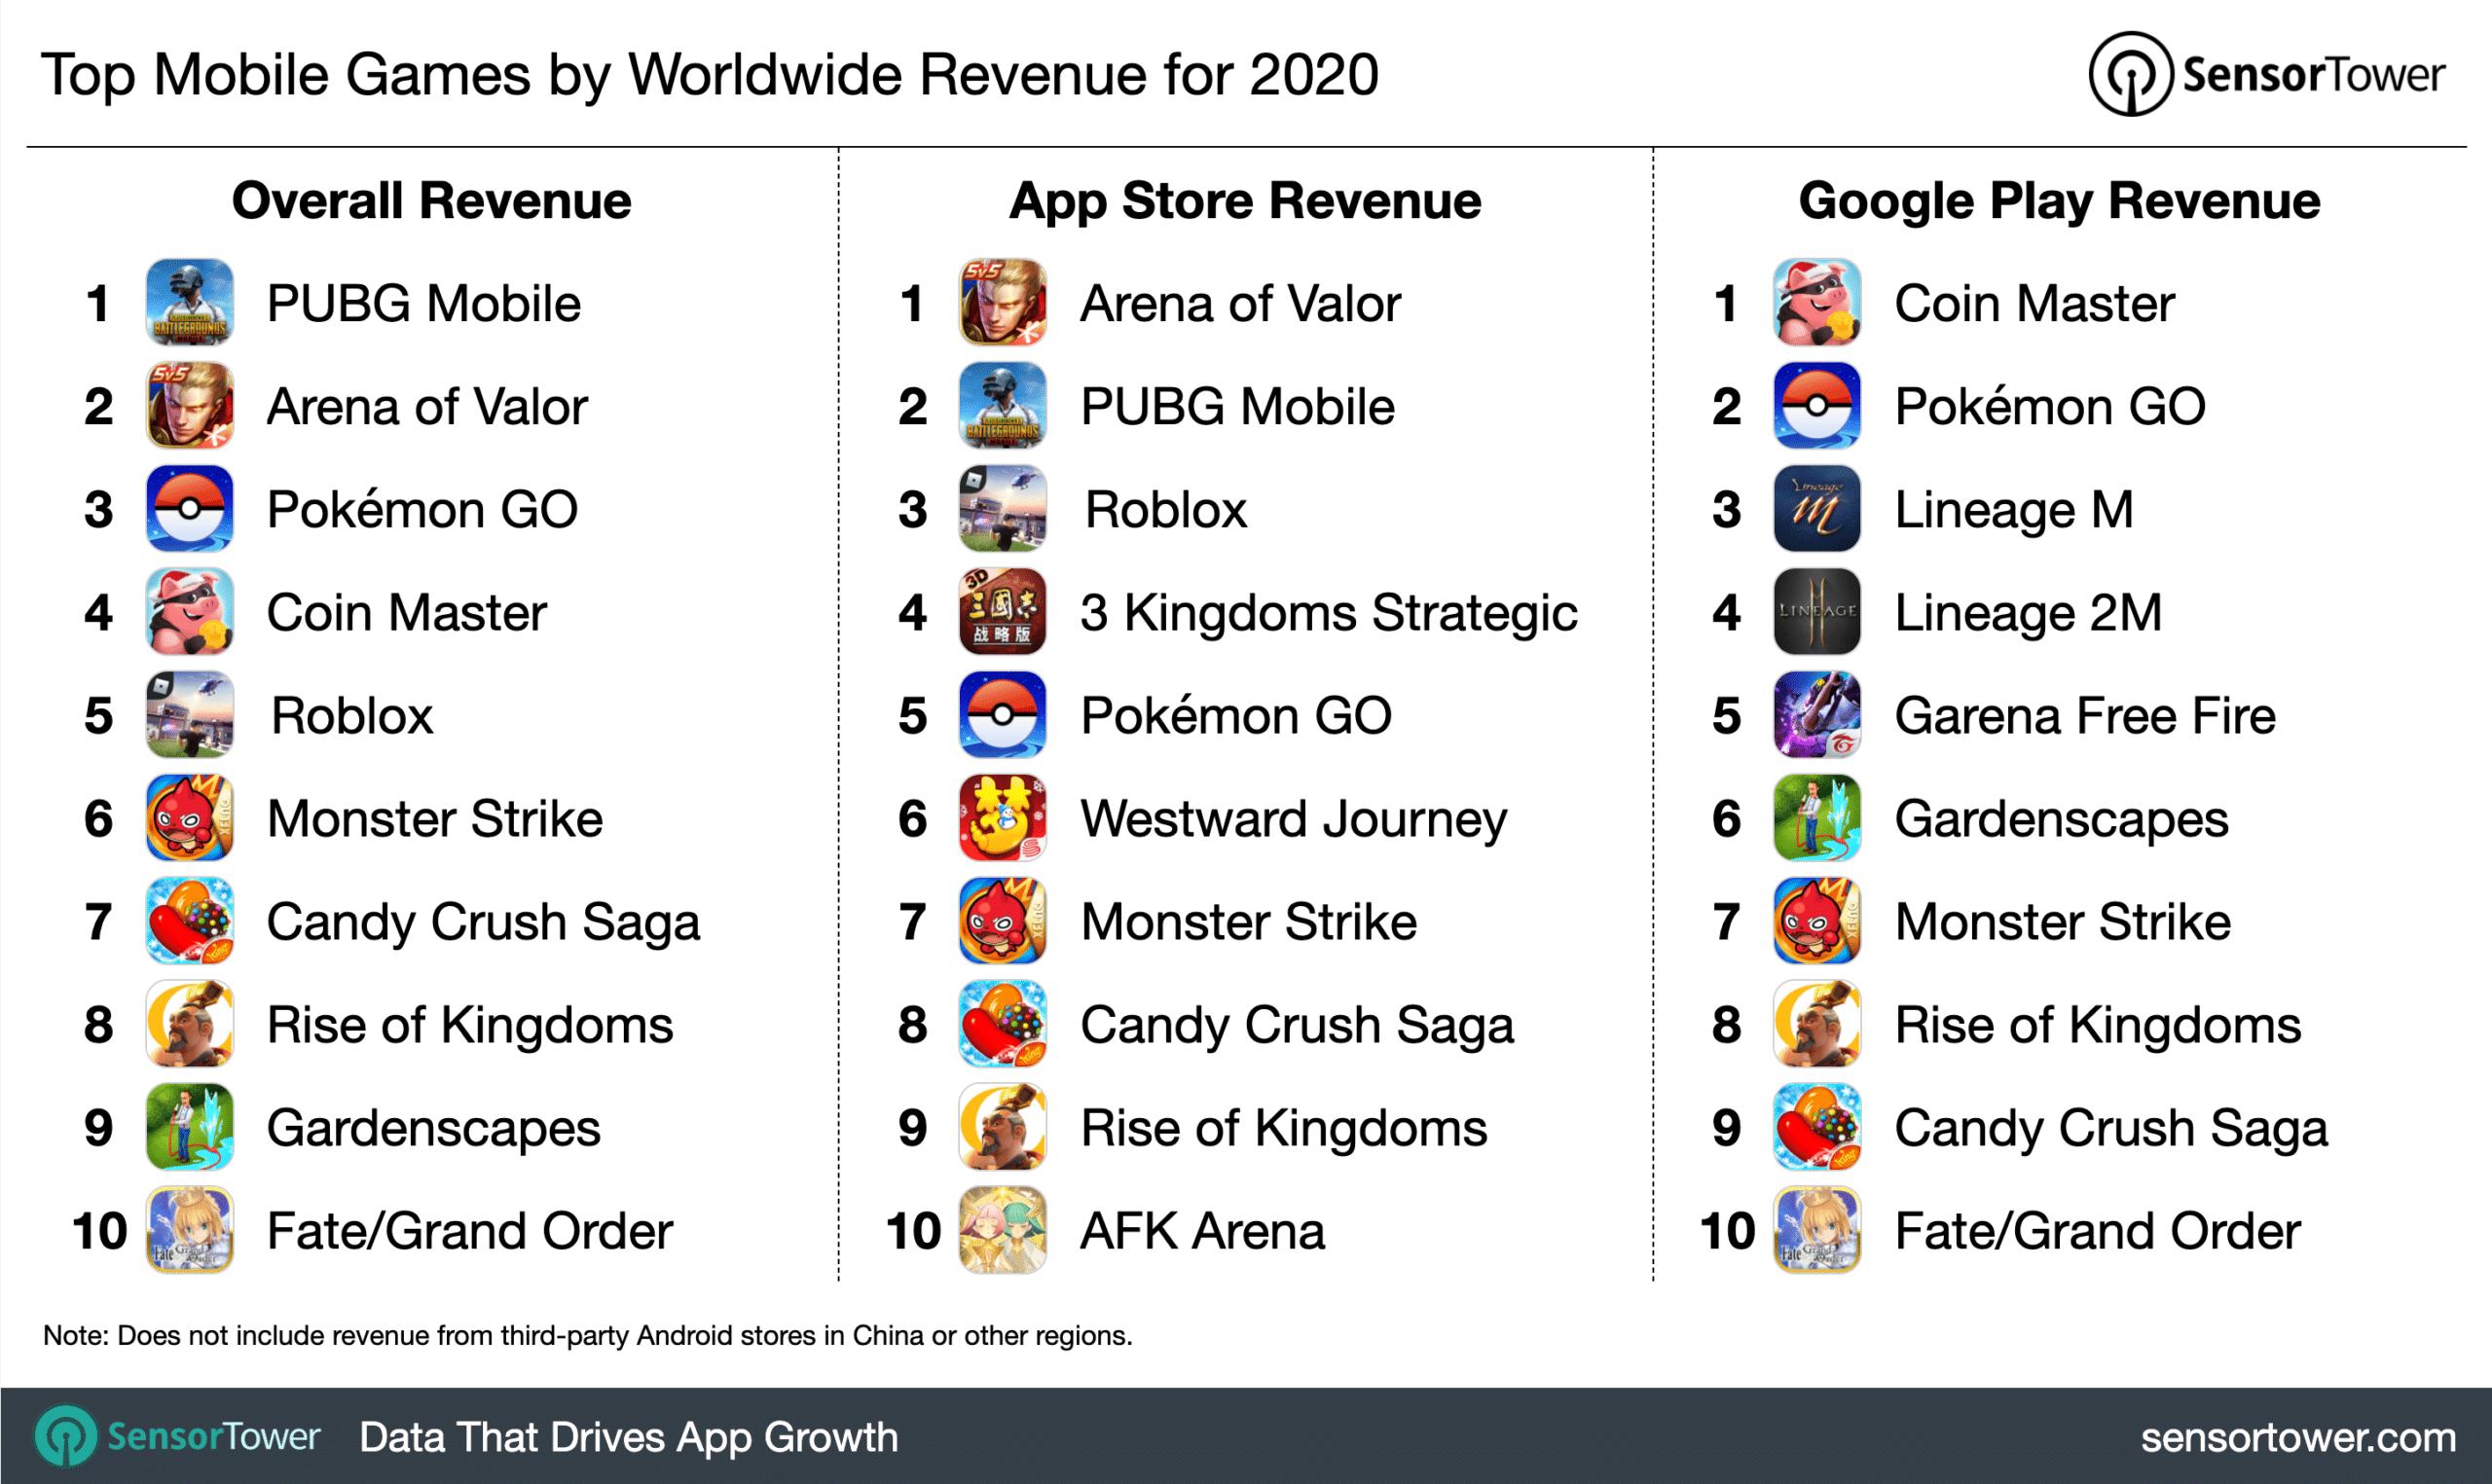 Jogos que mais faturaram em 2020